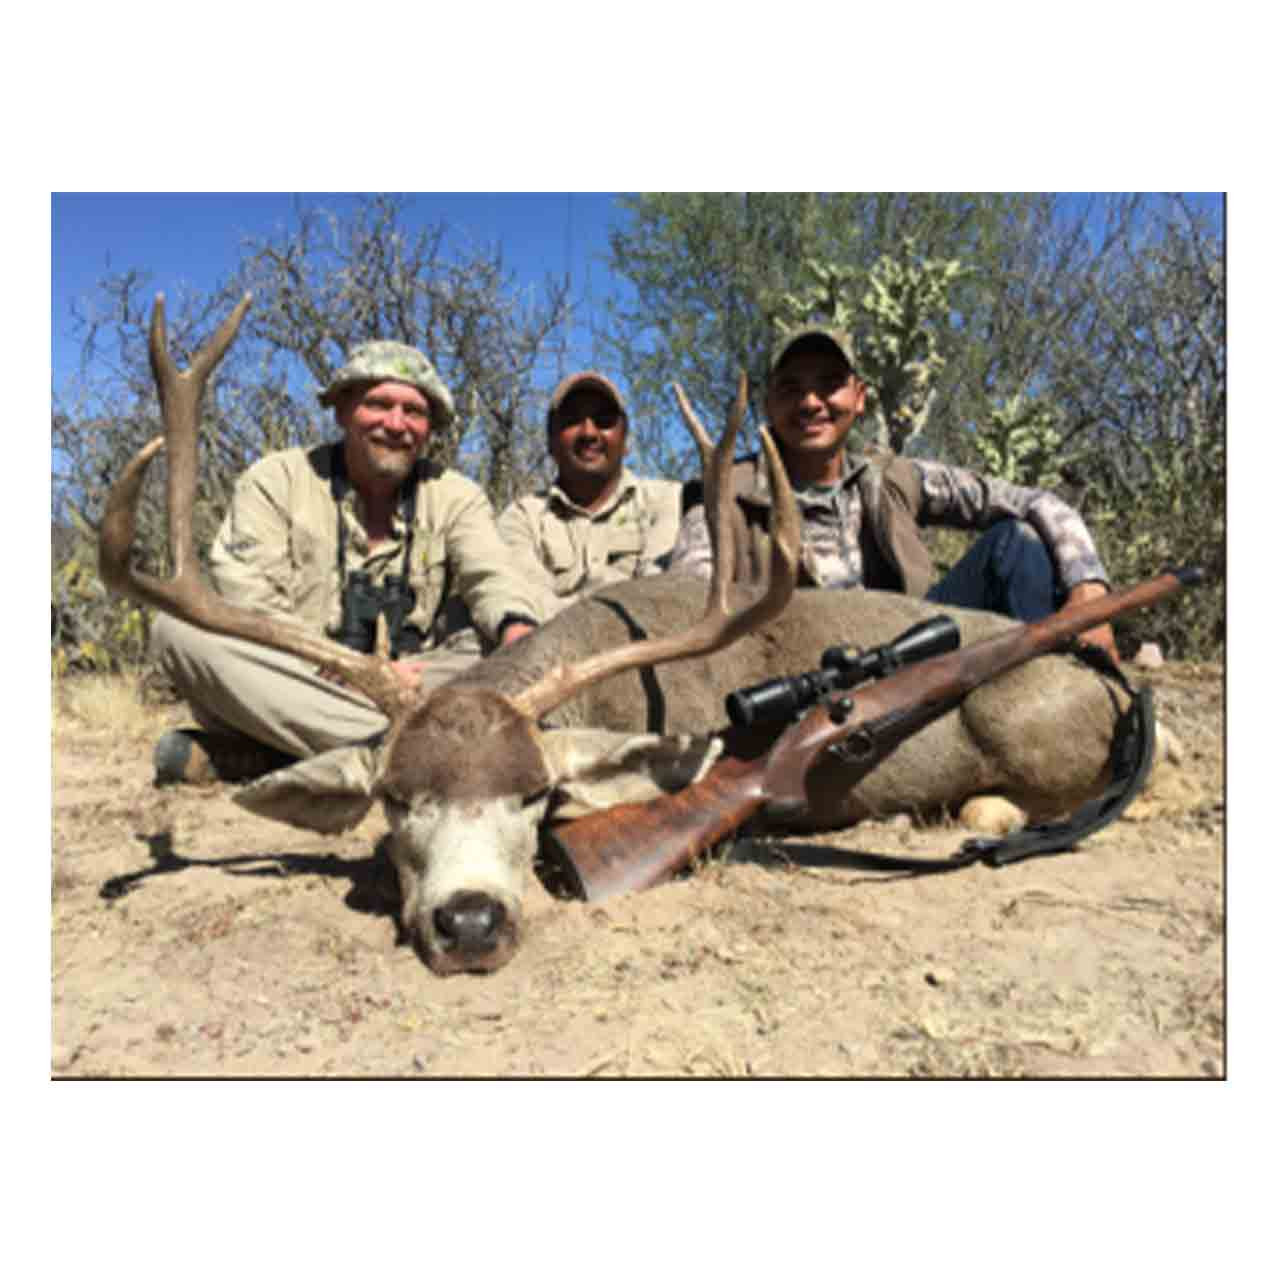 Baja Blacktail hunt in Mexico